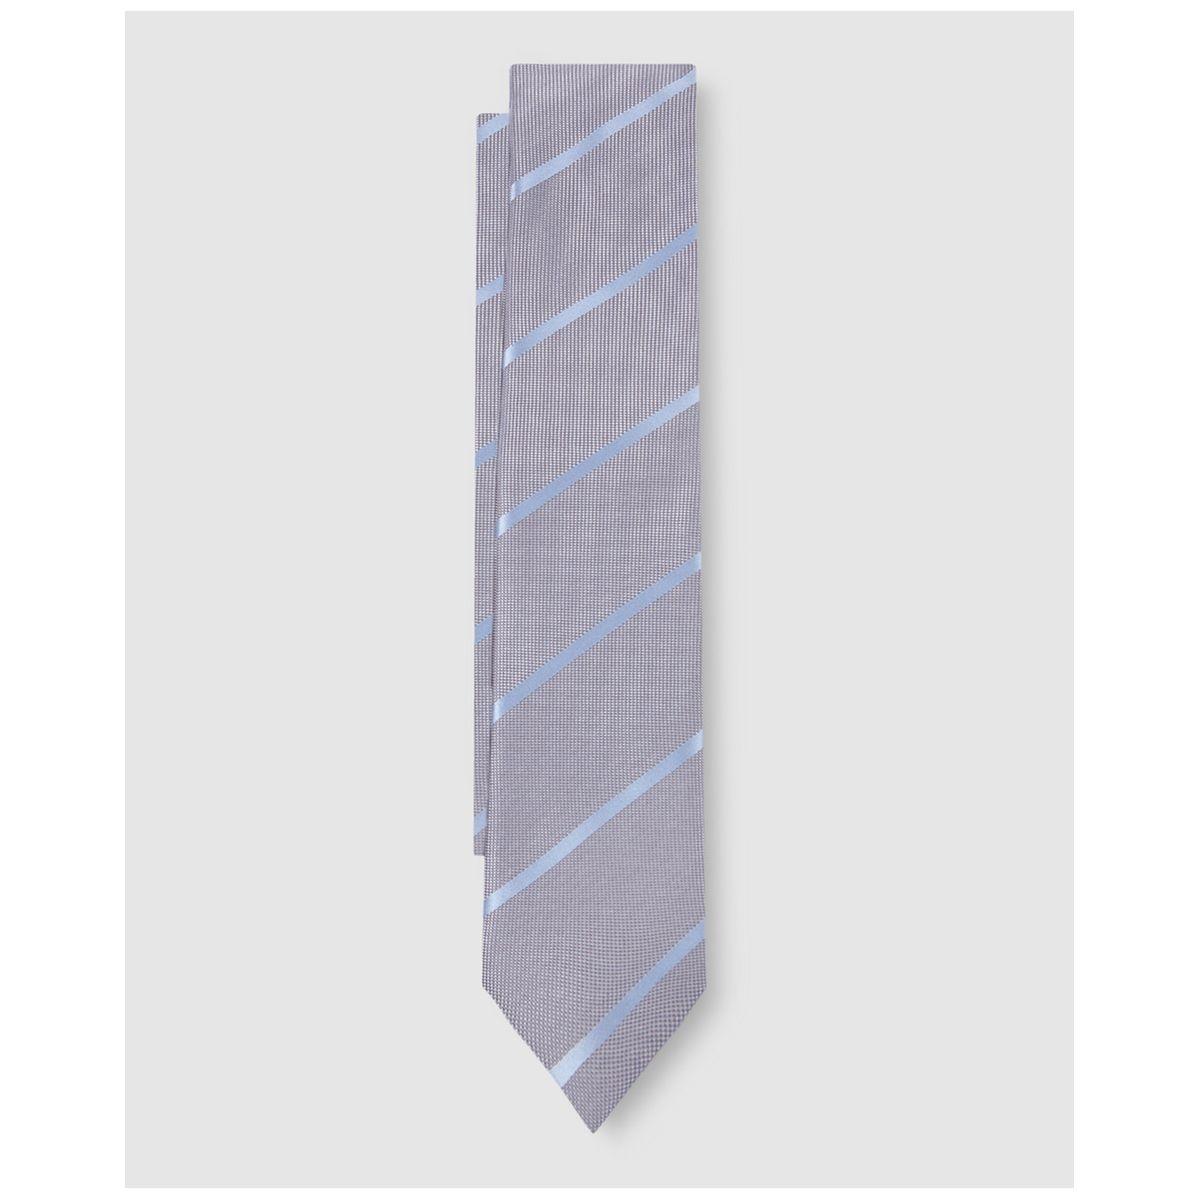 Cravate roi imprimé rayures /